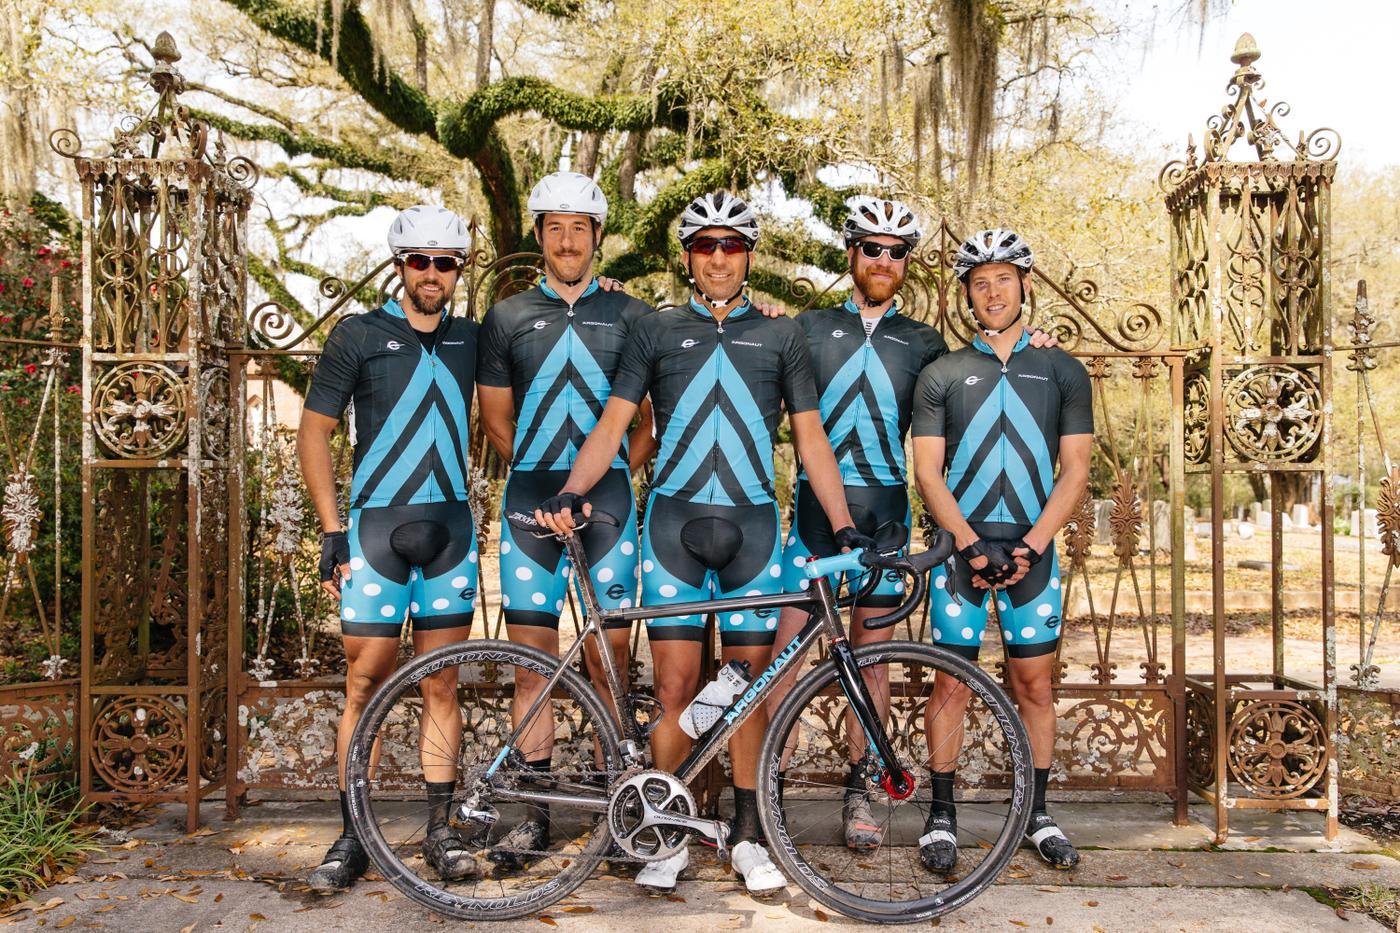 Team Argonaut